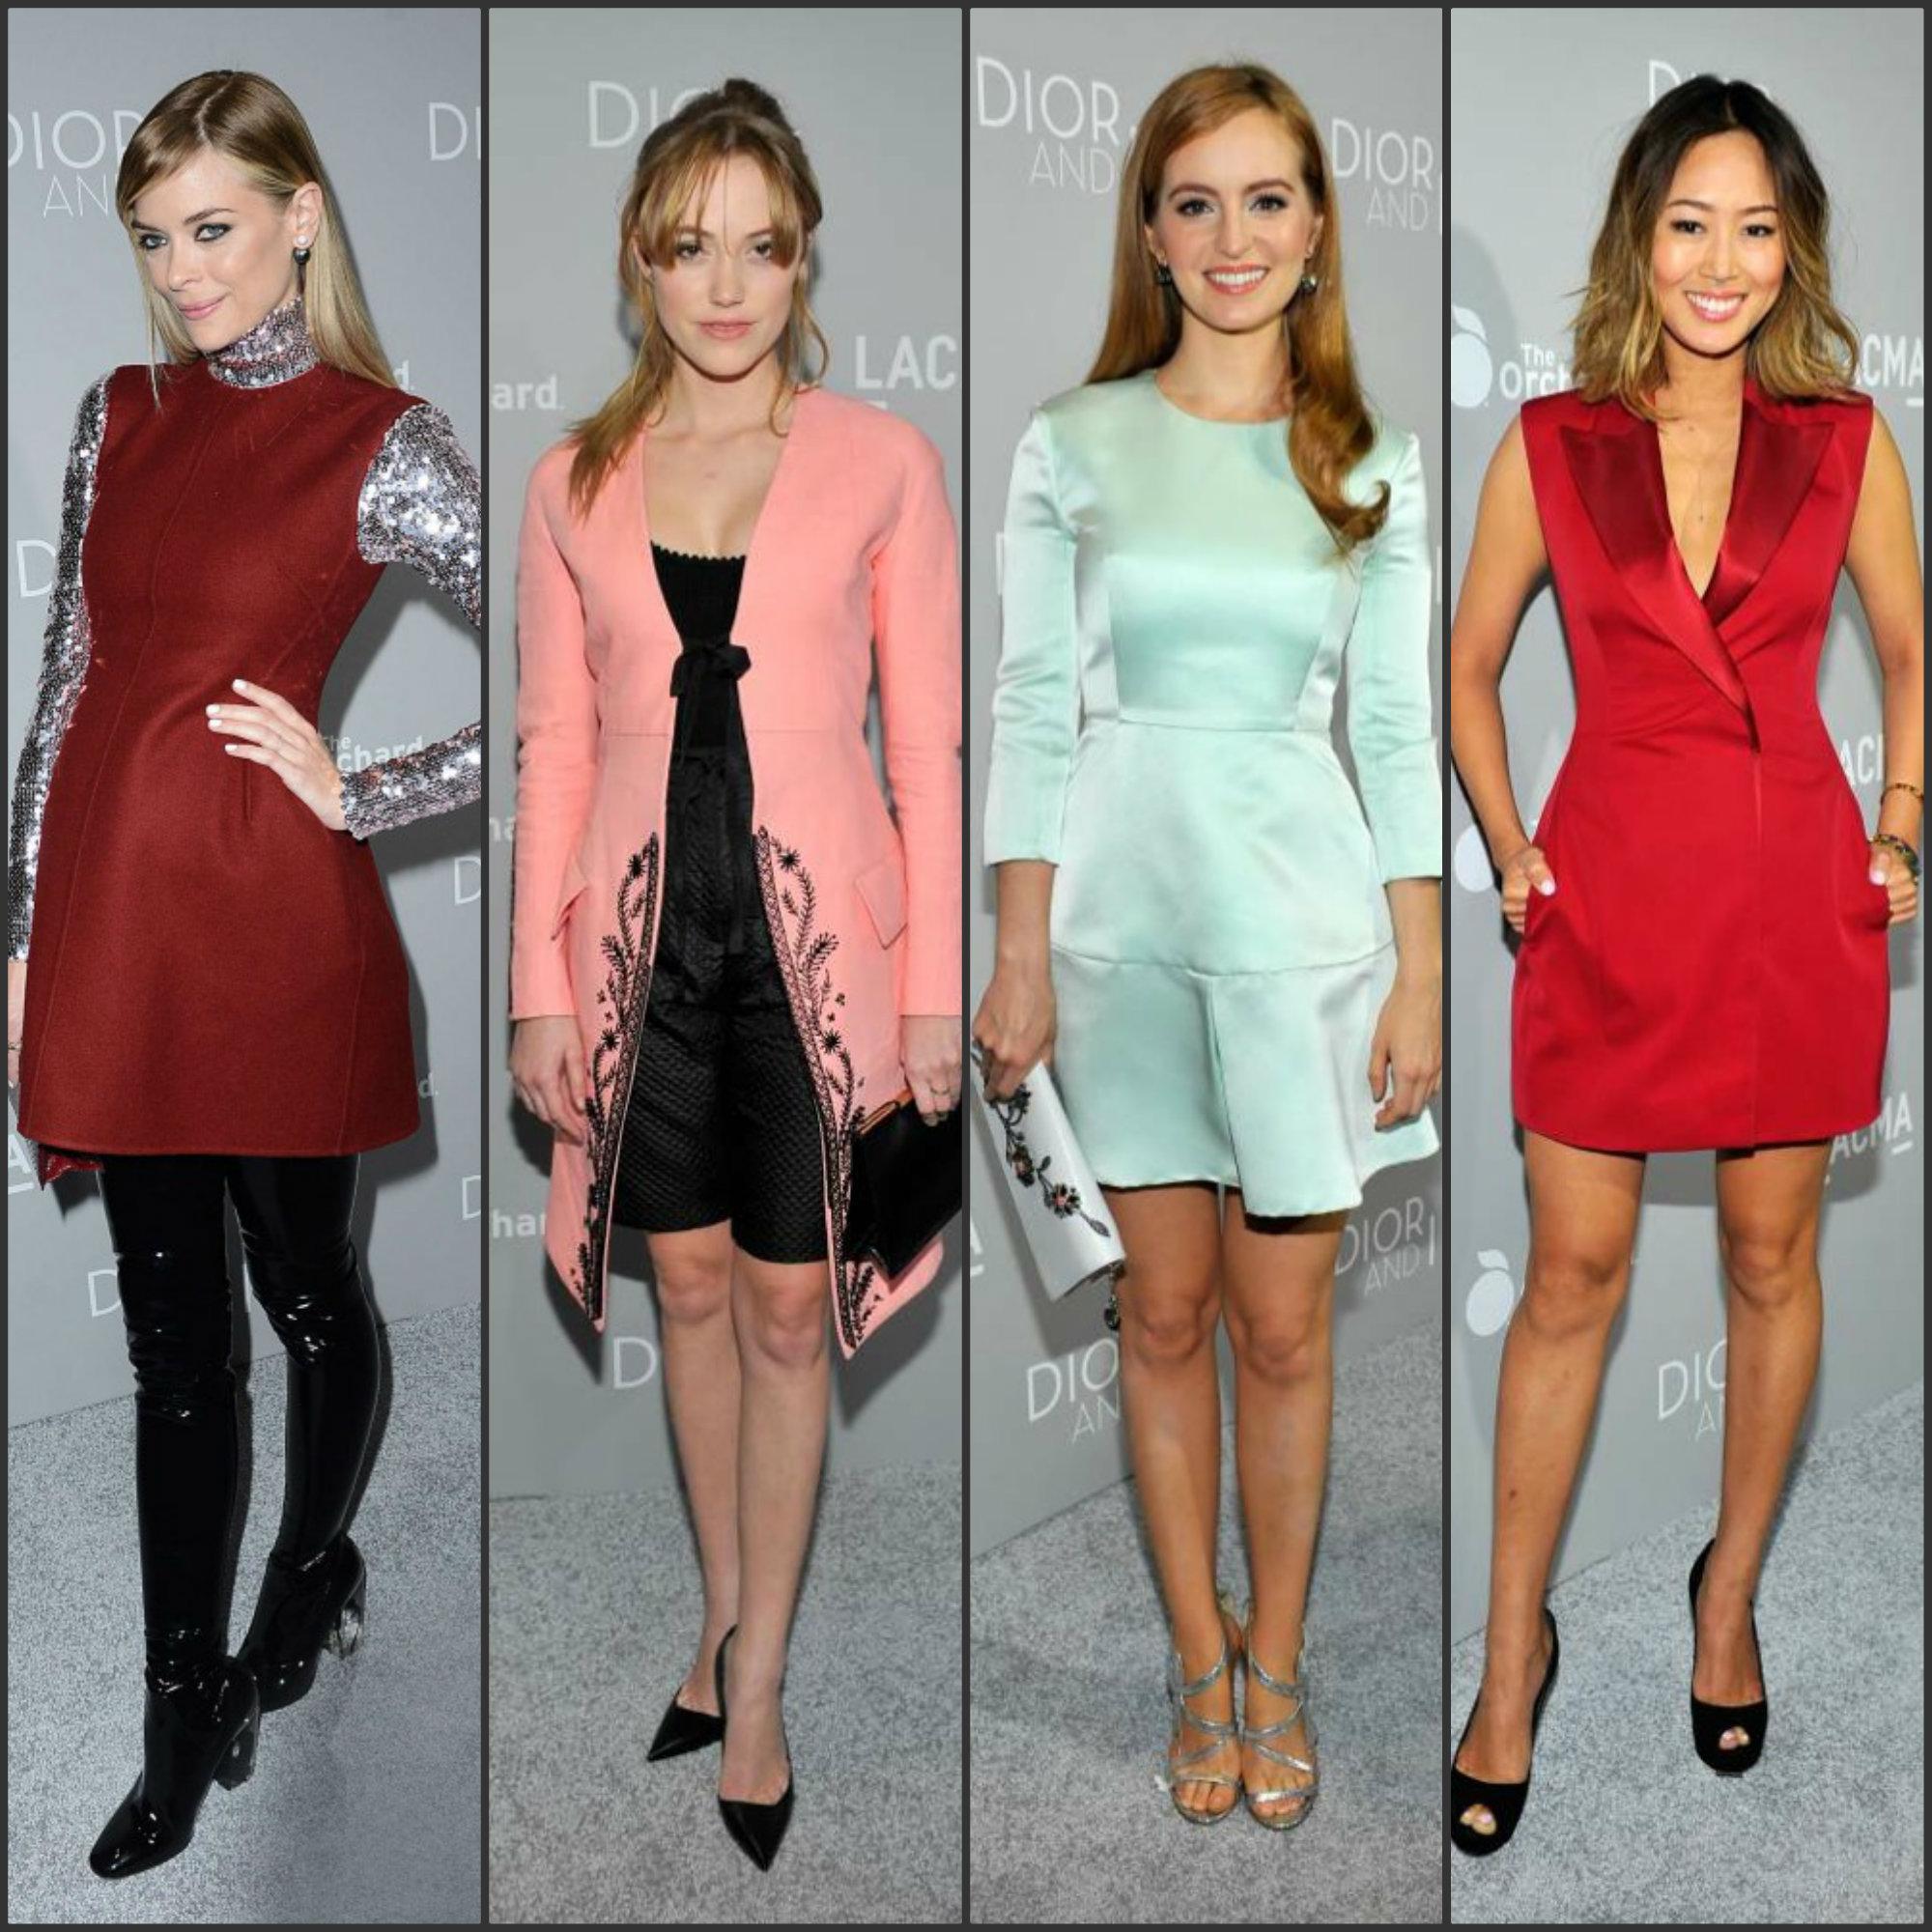 Dior-and-I-LA-Premiere